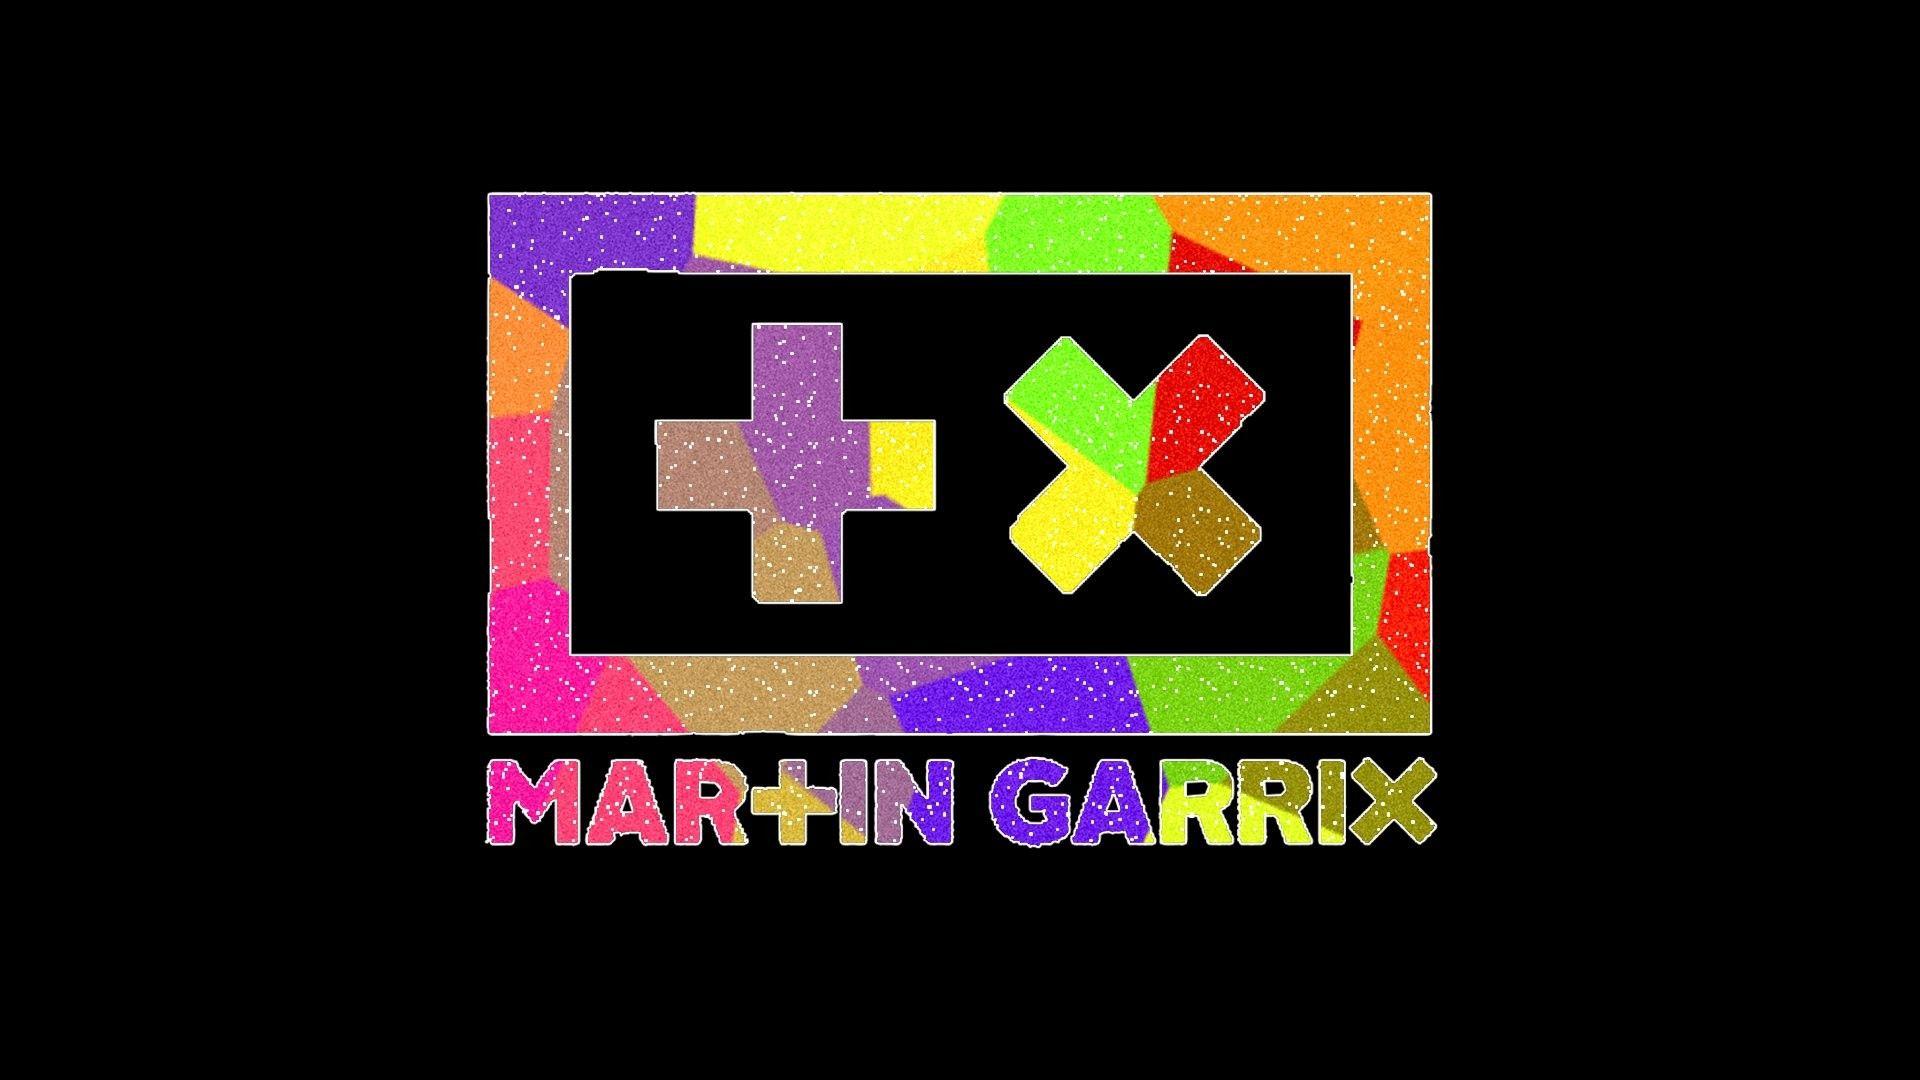 1920x1080 Music Martin Garrix Wallpaper Walle